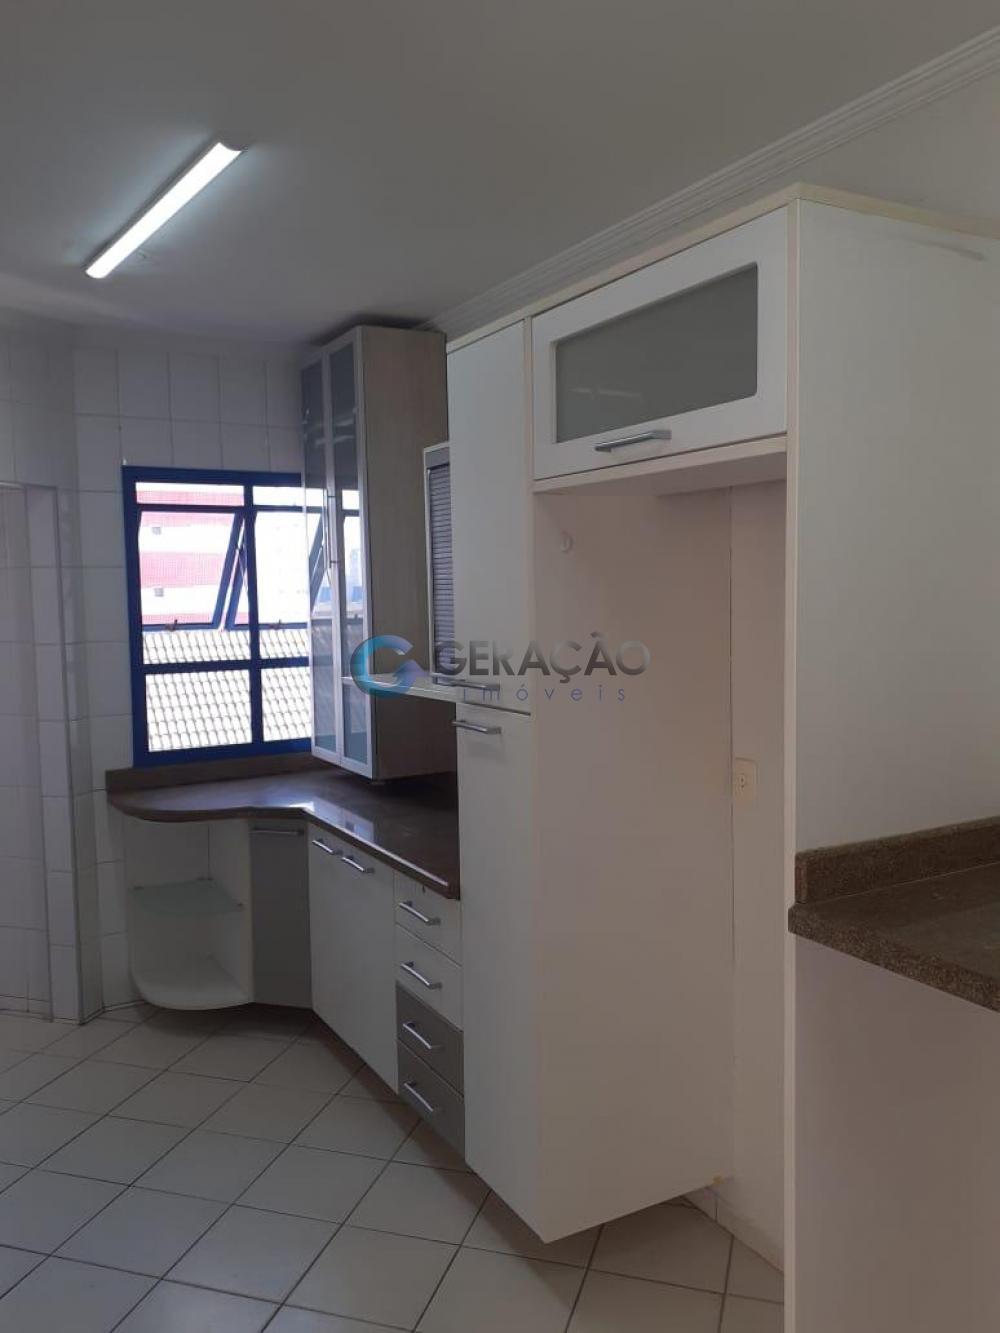 Alugar Apartamento / Padrão em São José dos Campos apenas R$ 1.650,00 - Foto 8